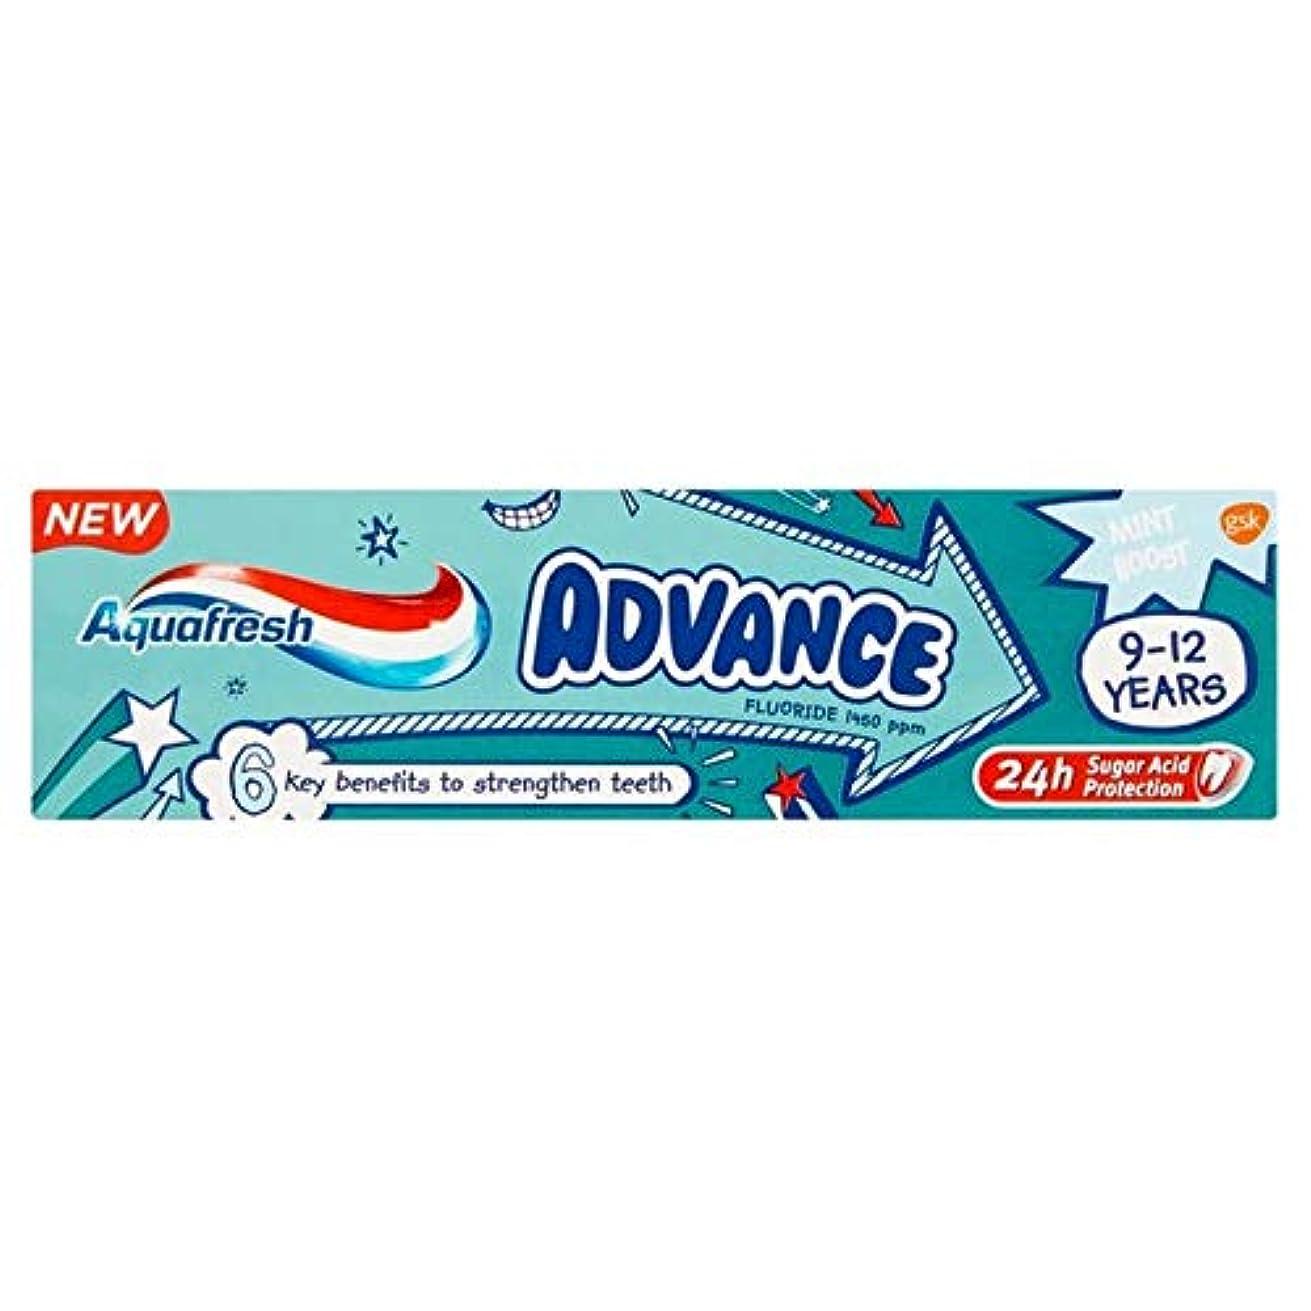 謎めいた糸懲らしめ[Aquafresh ] アクアフレッシュの事前9-12年間の子供の歯磨き粉75ミリリットル - Aquafresh Advance 9-12 Years Kids Toothpaste 75ml [並行輸入品]